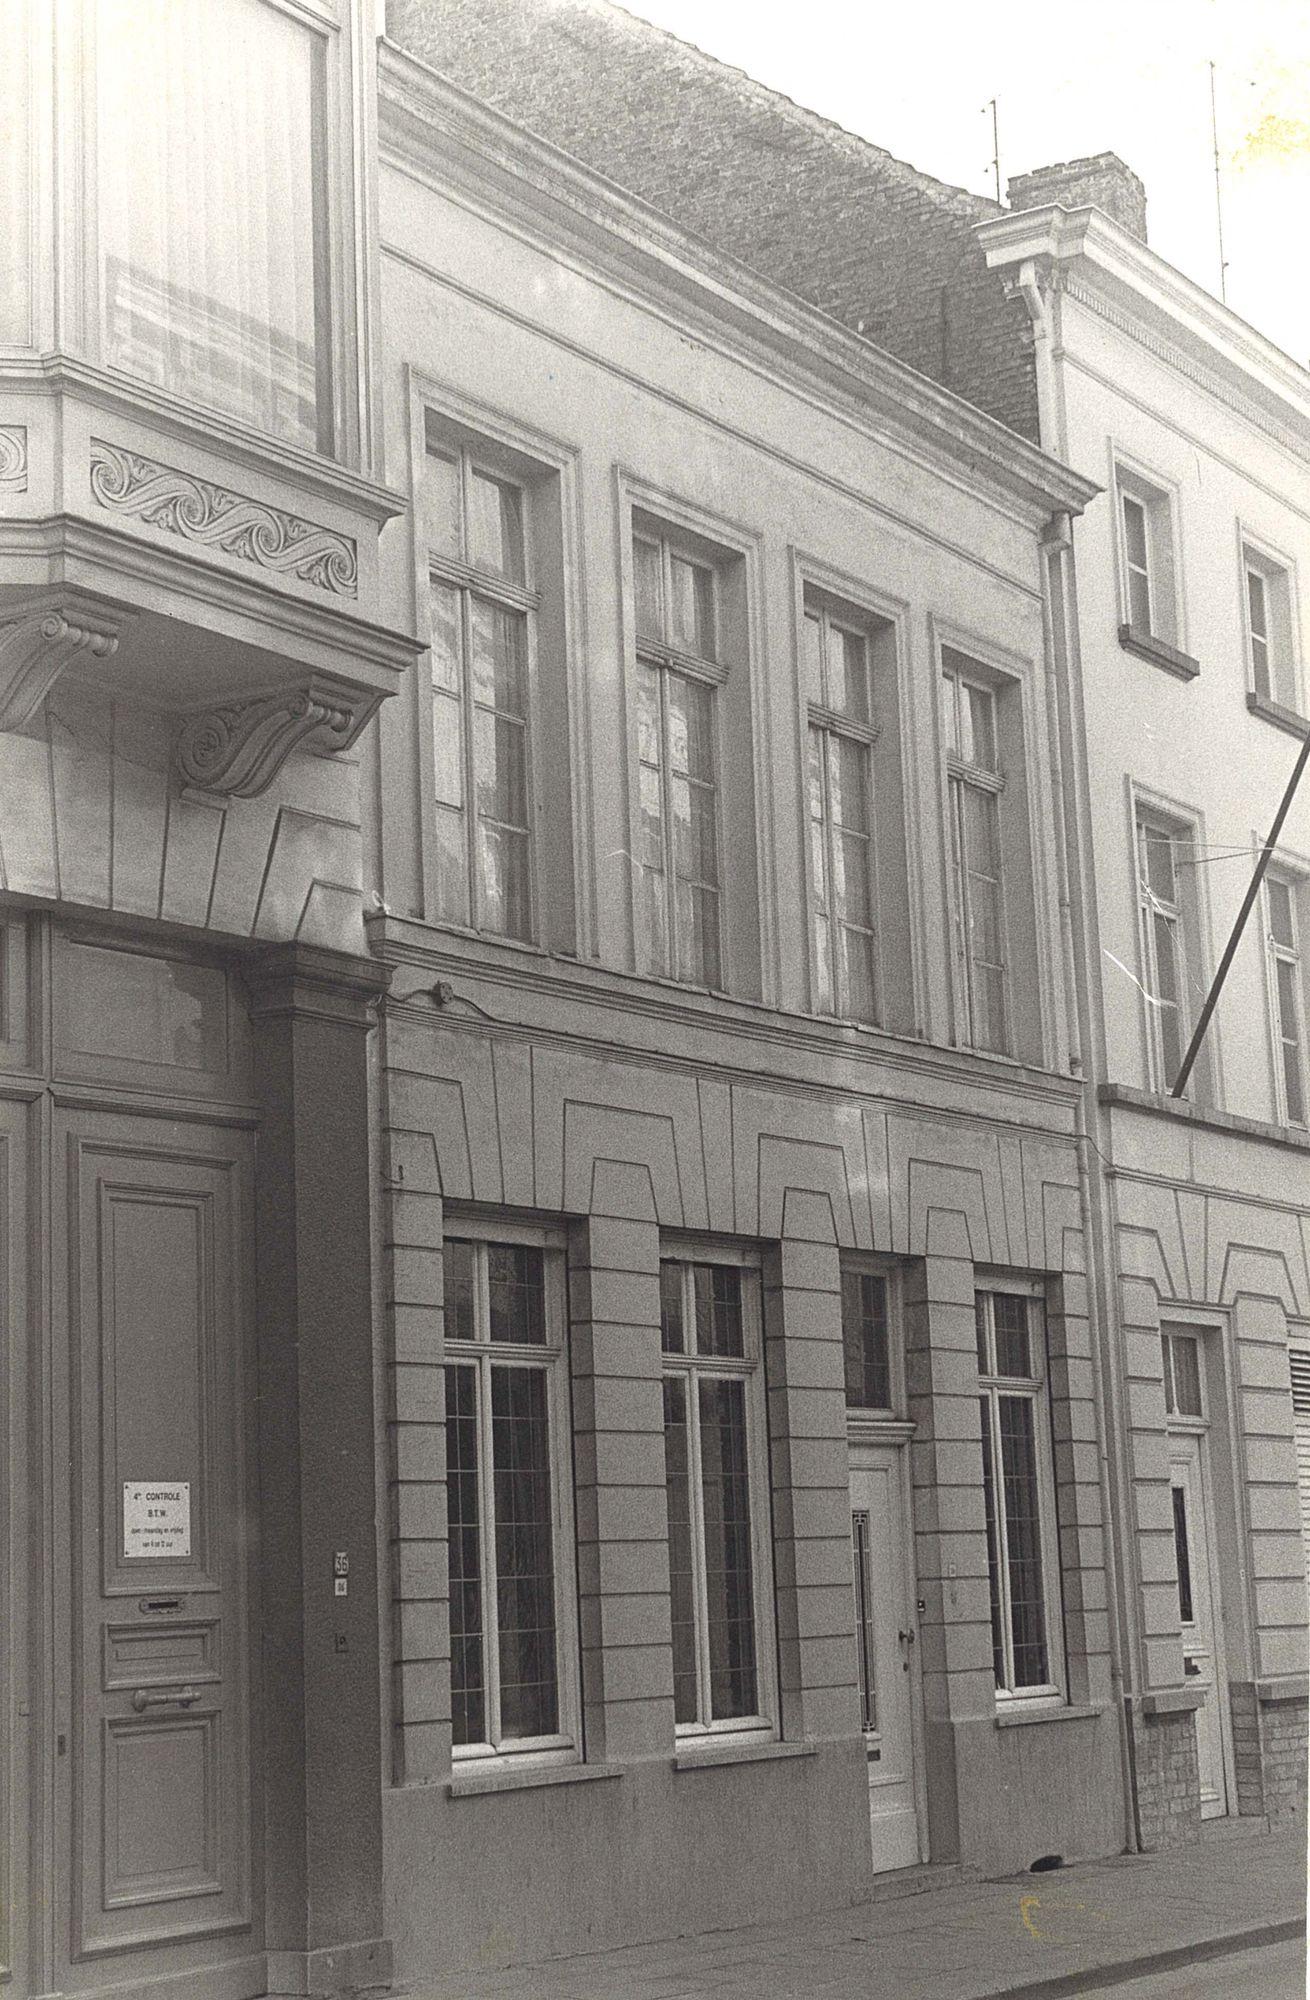 Groeningestraat 34